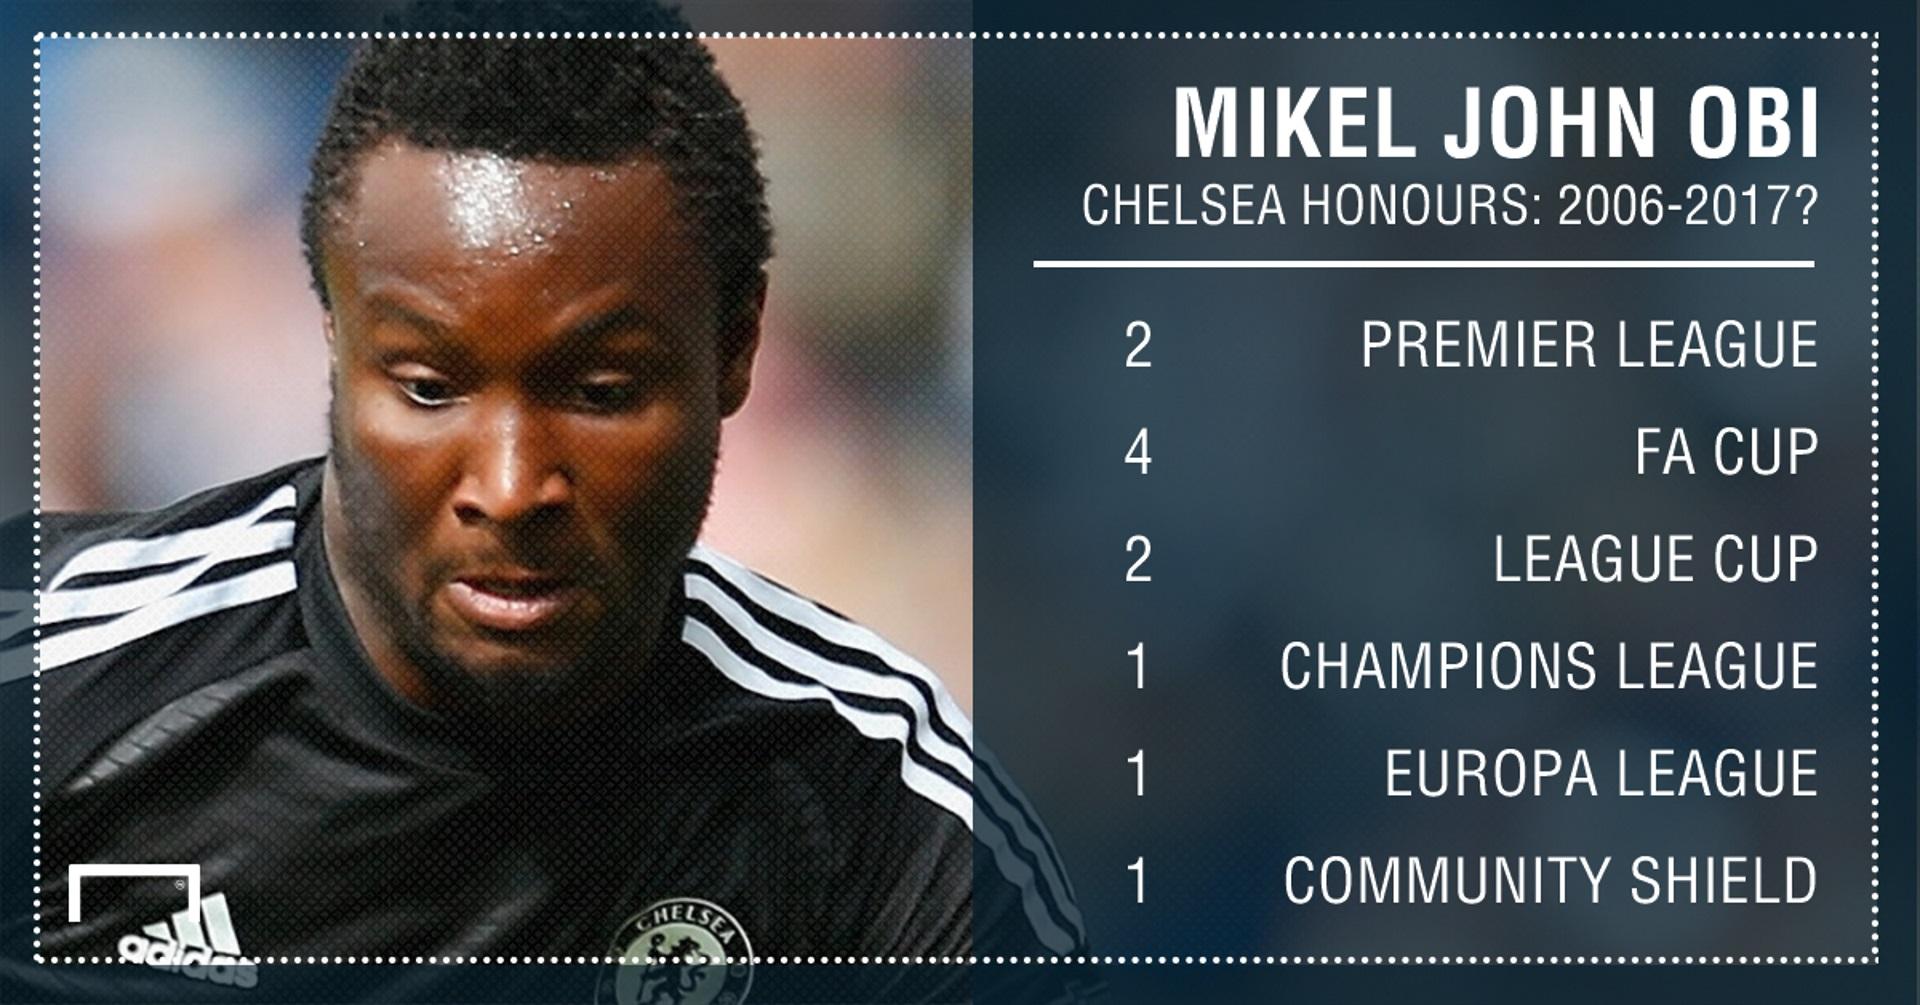 John Obi Mikel Chelsea Honours PS